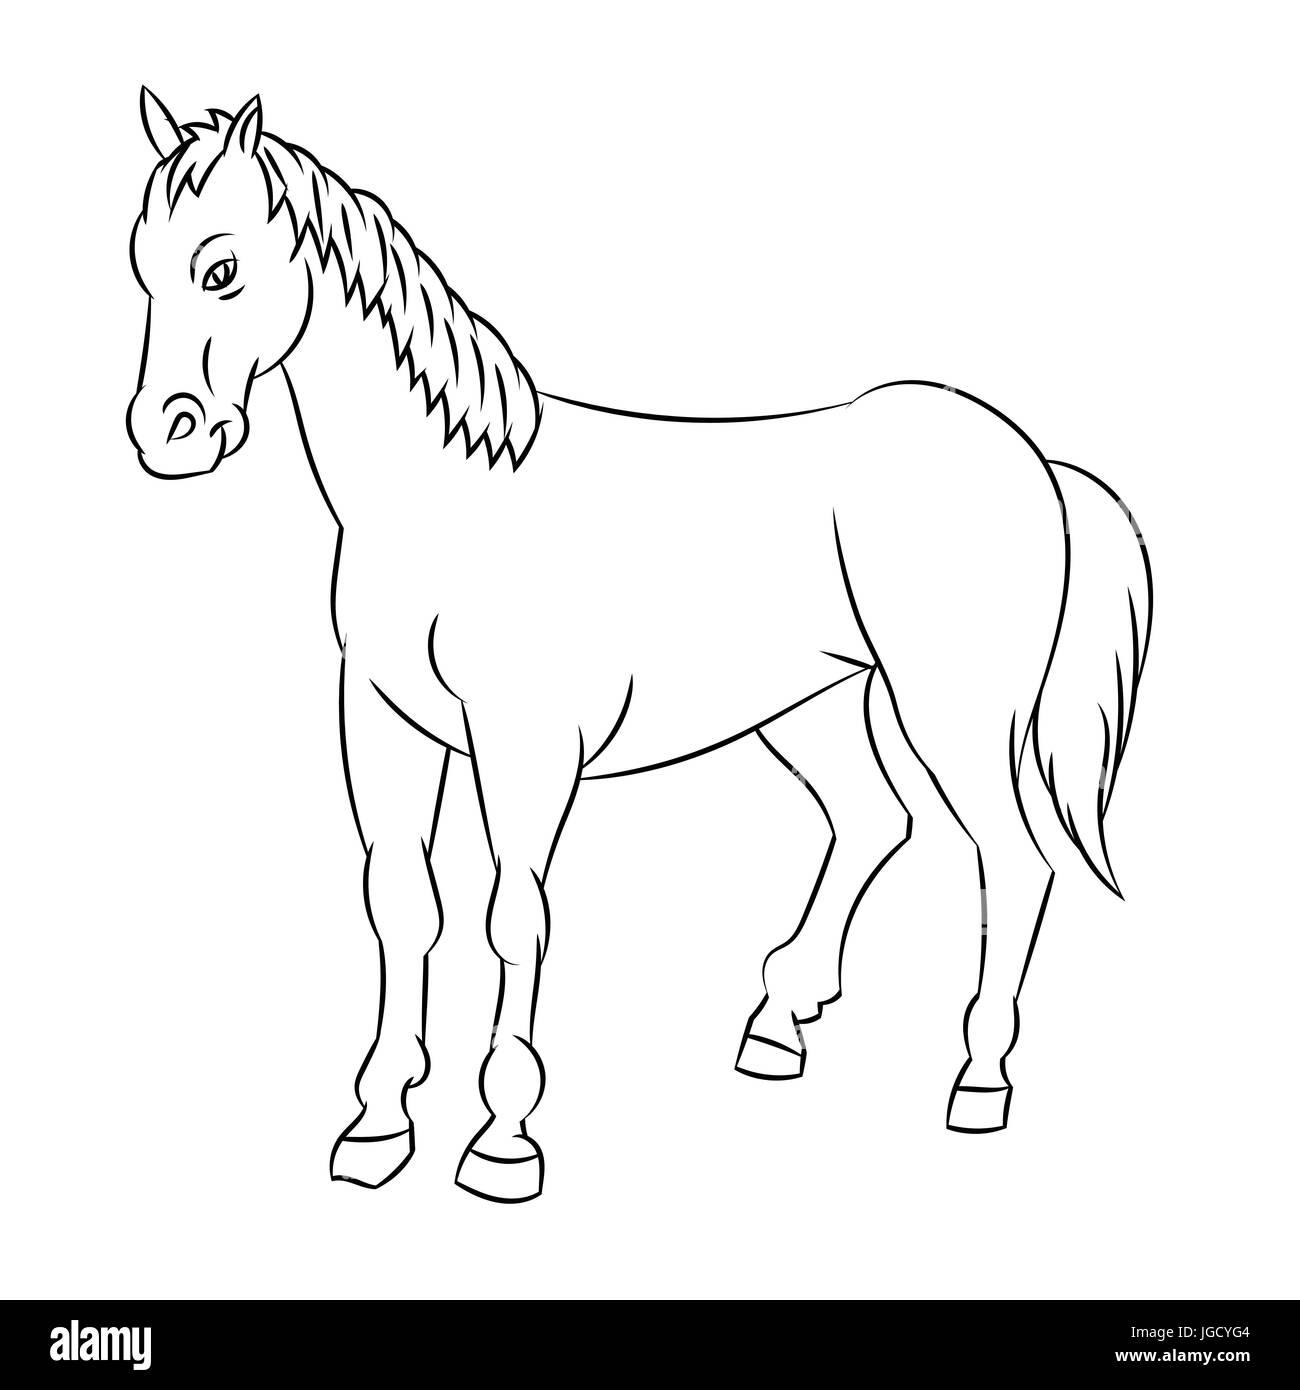 Croquis dibujados a mano de caballo aislado, en blanco y negro para ...